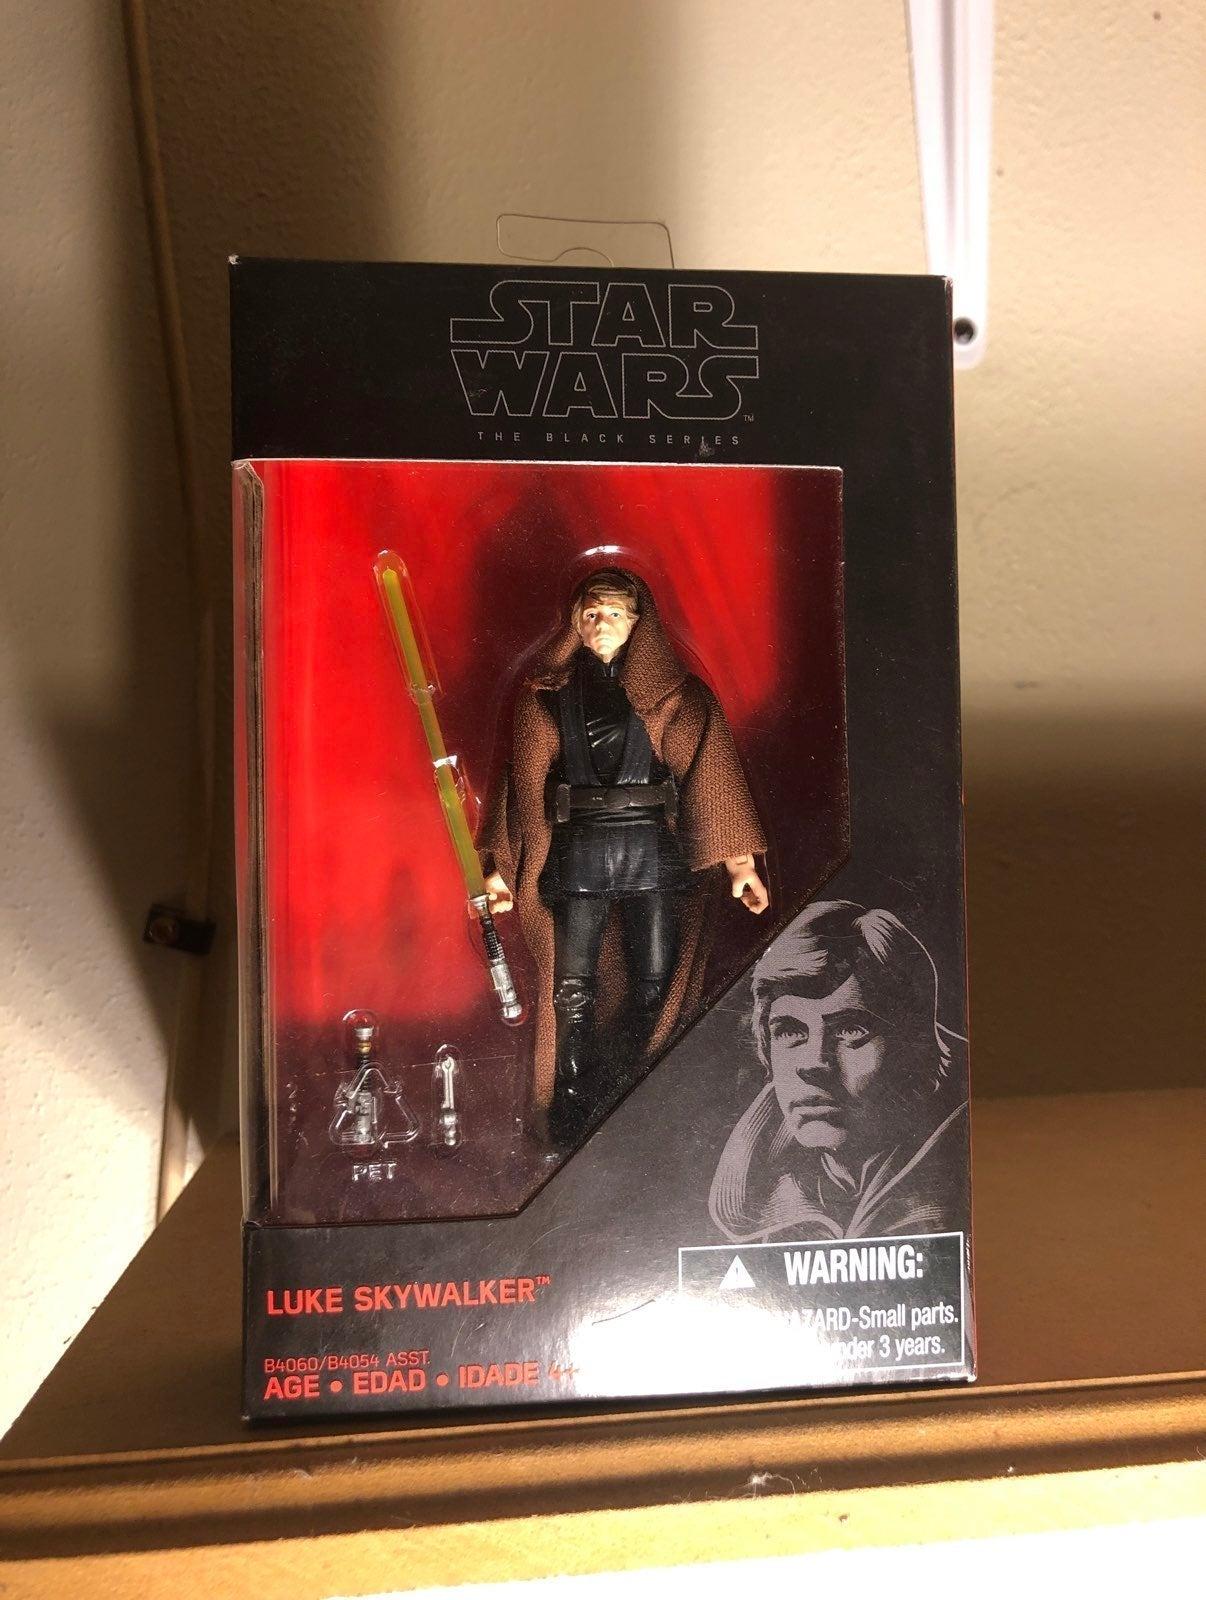 Star wars jedi luke skywalker 3.75 inch